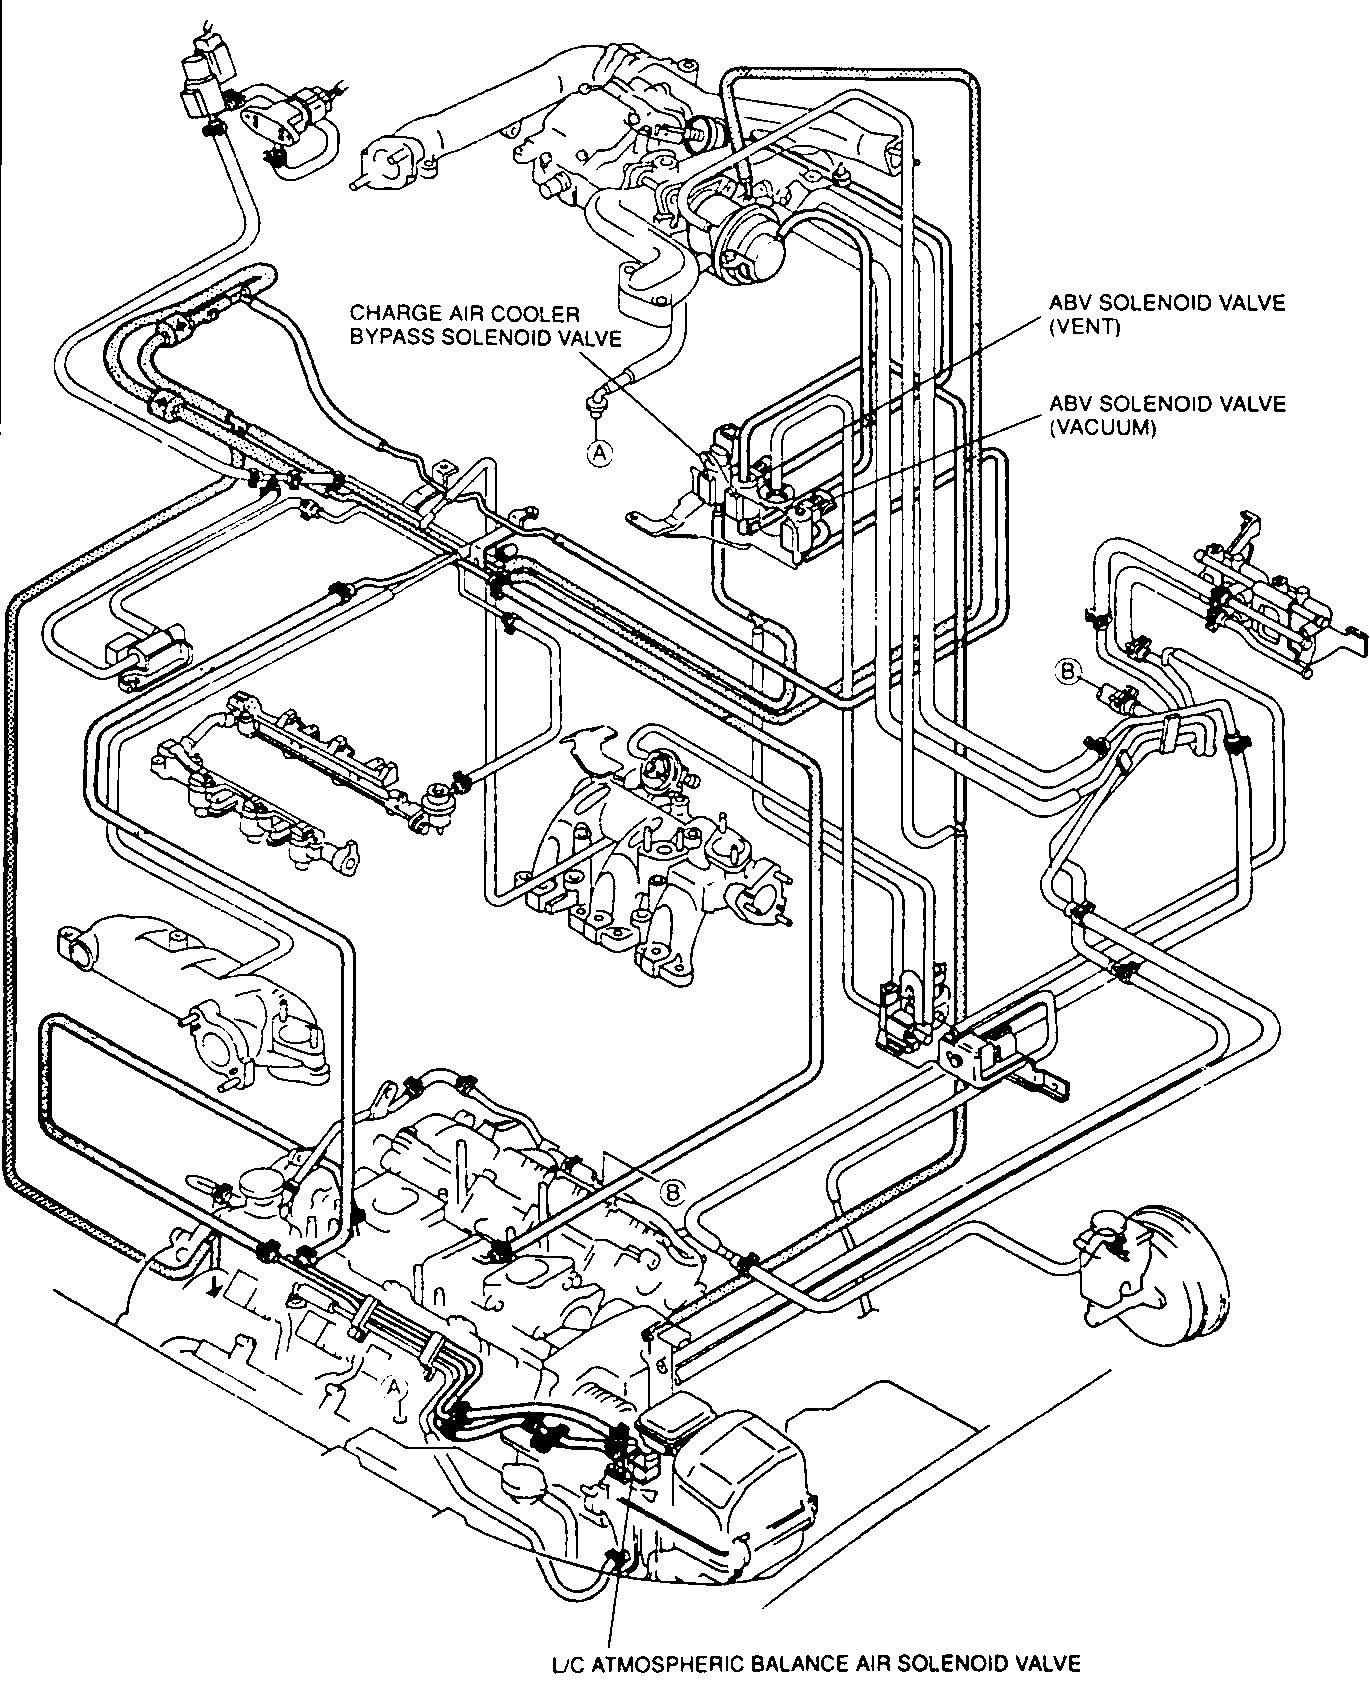 [DIAGRAM] 1998 Mazda 626 Wiring Diagram Manual Original